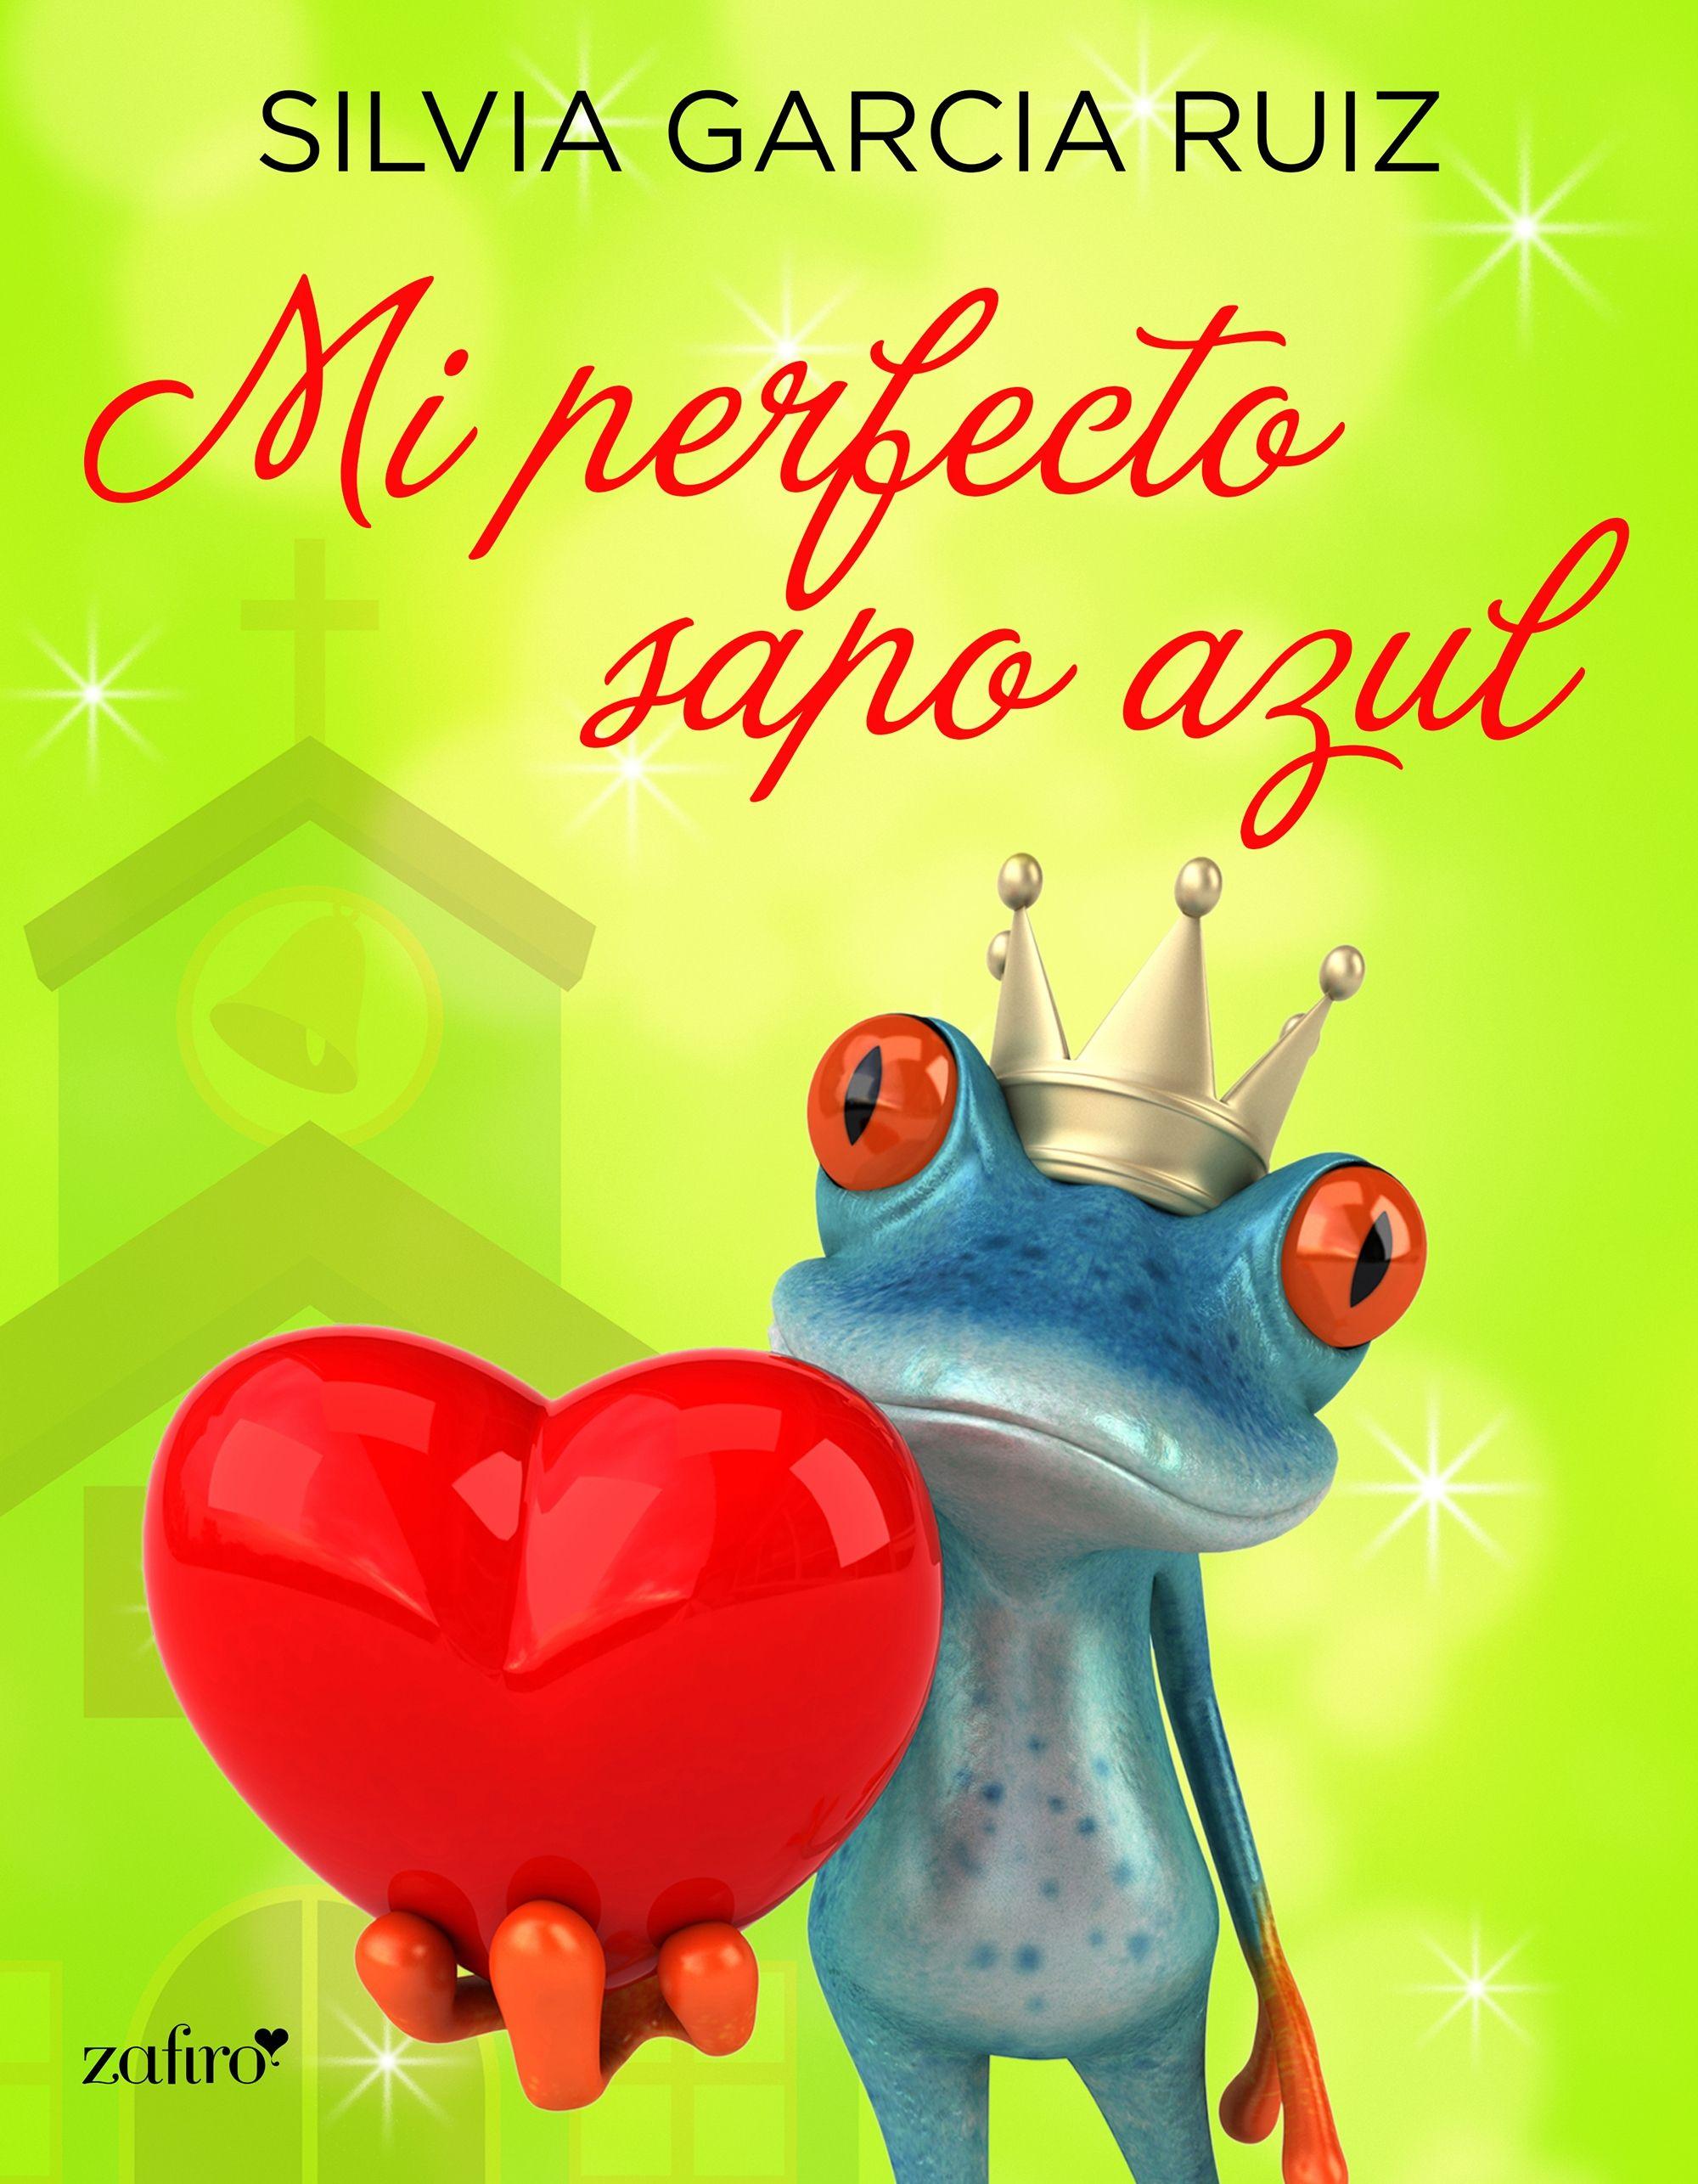 Mi Perfecto Sapo Azul De Silvia García Ruiz Lo Puedes Leer Ya En Nubico Premium Http Www Nubico Es Libros De Comedia Romantica Libros Libros Romanticos